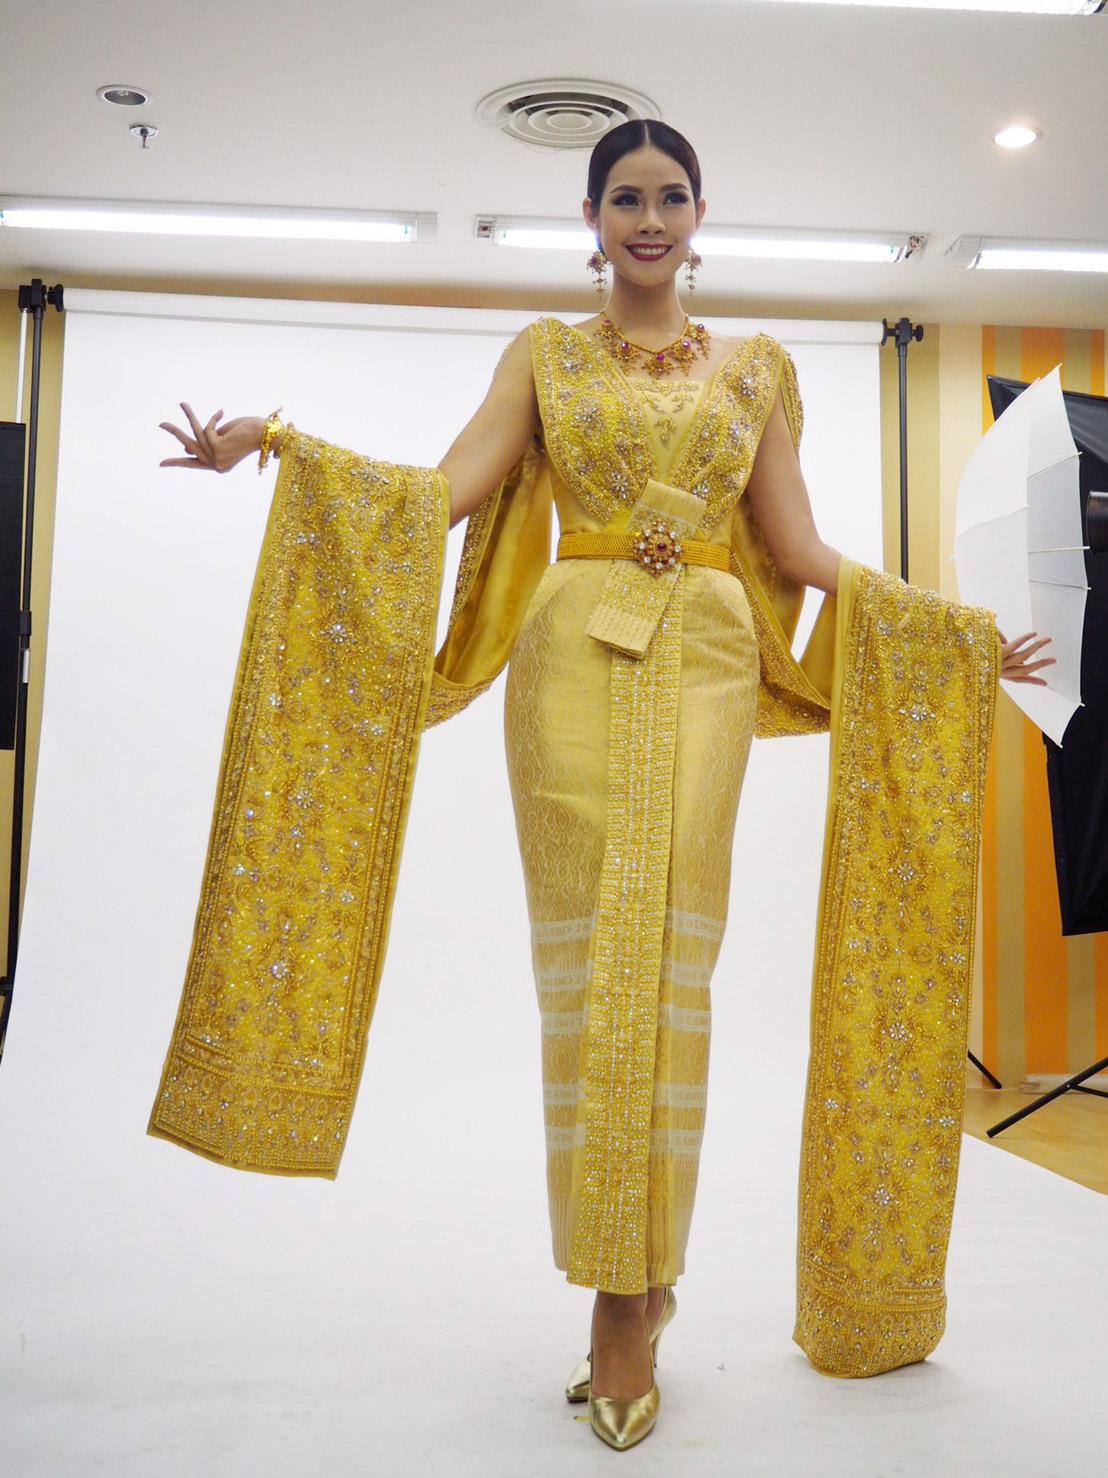 ชุดประจำชาติ ชุดไทยประยุกต์สีทอง